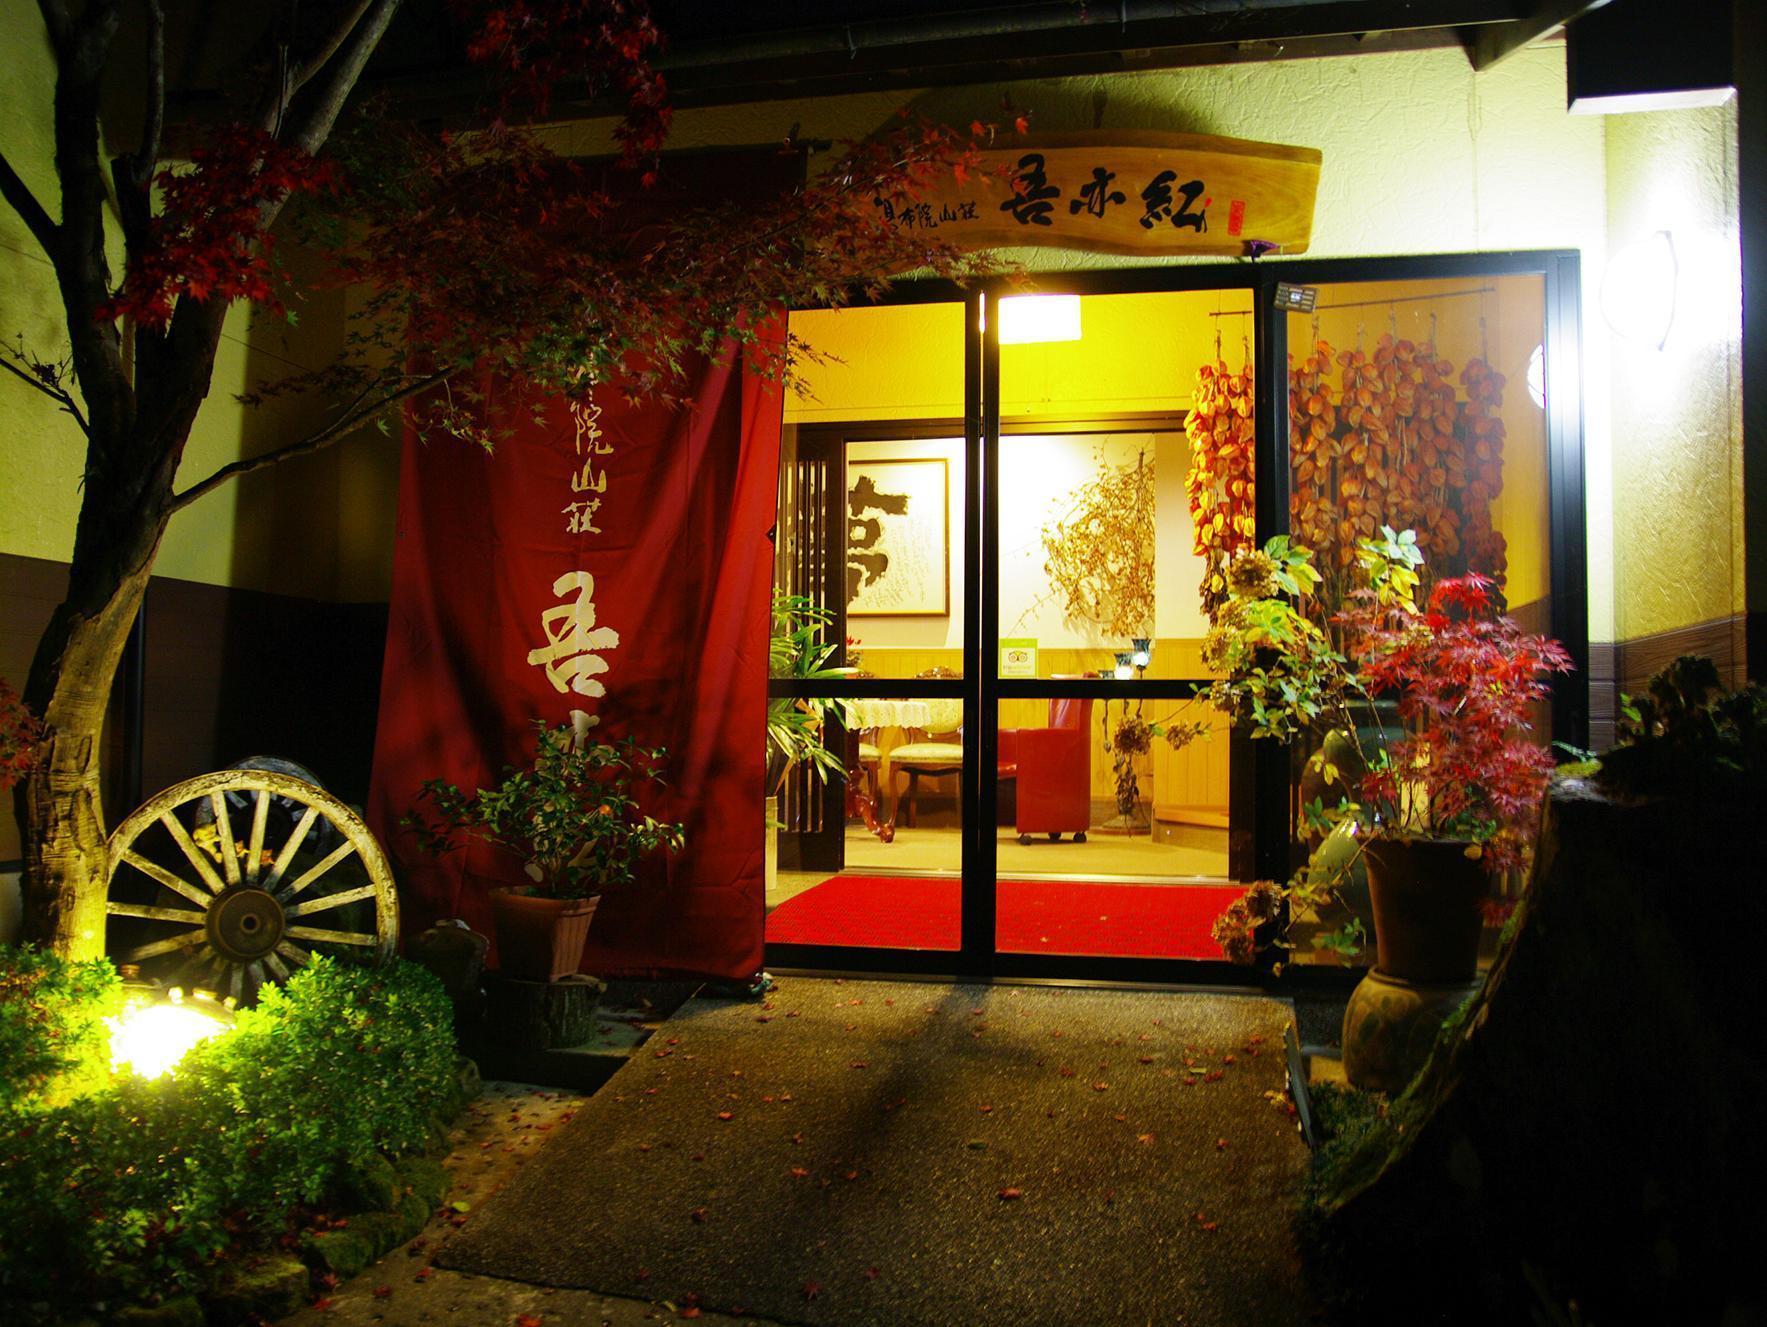 โรงแรมยุฟุอิน ซันโซะ วะเระโมะโก